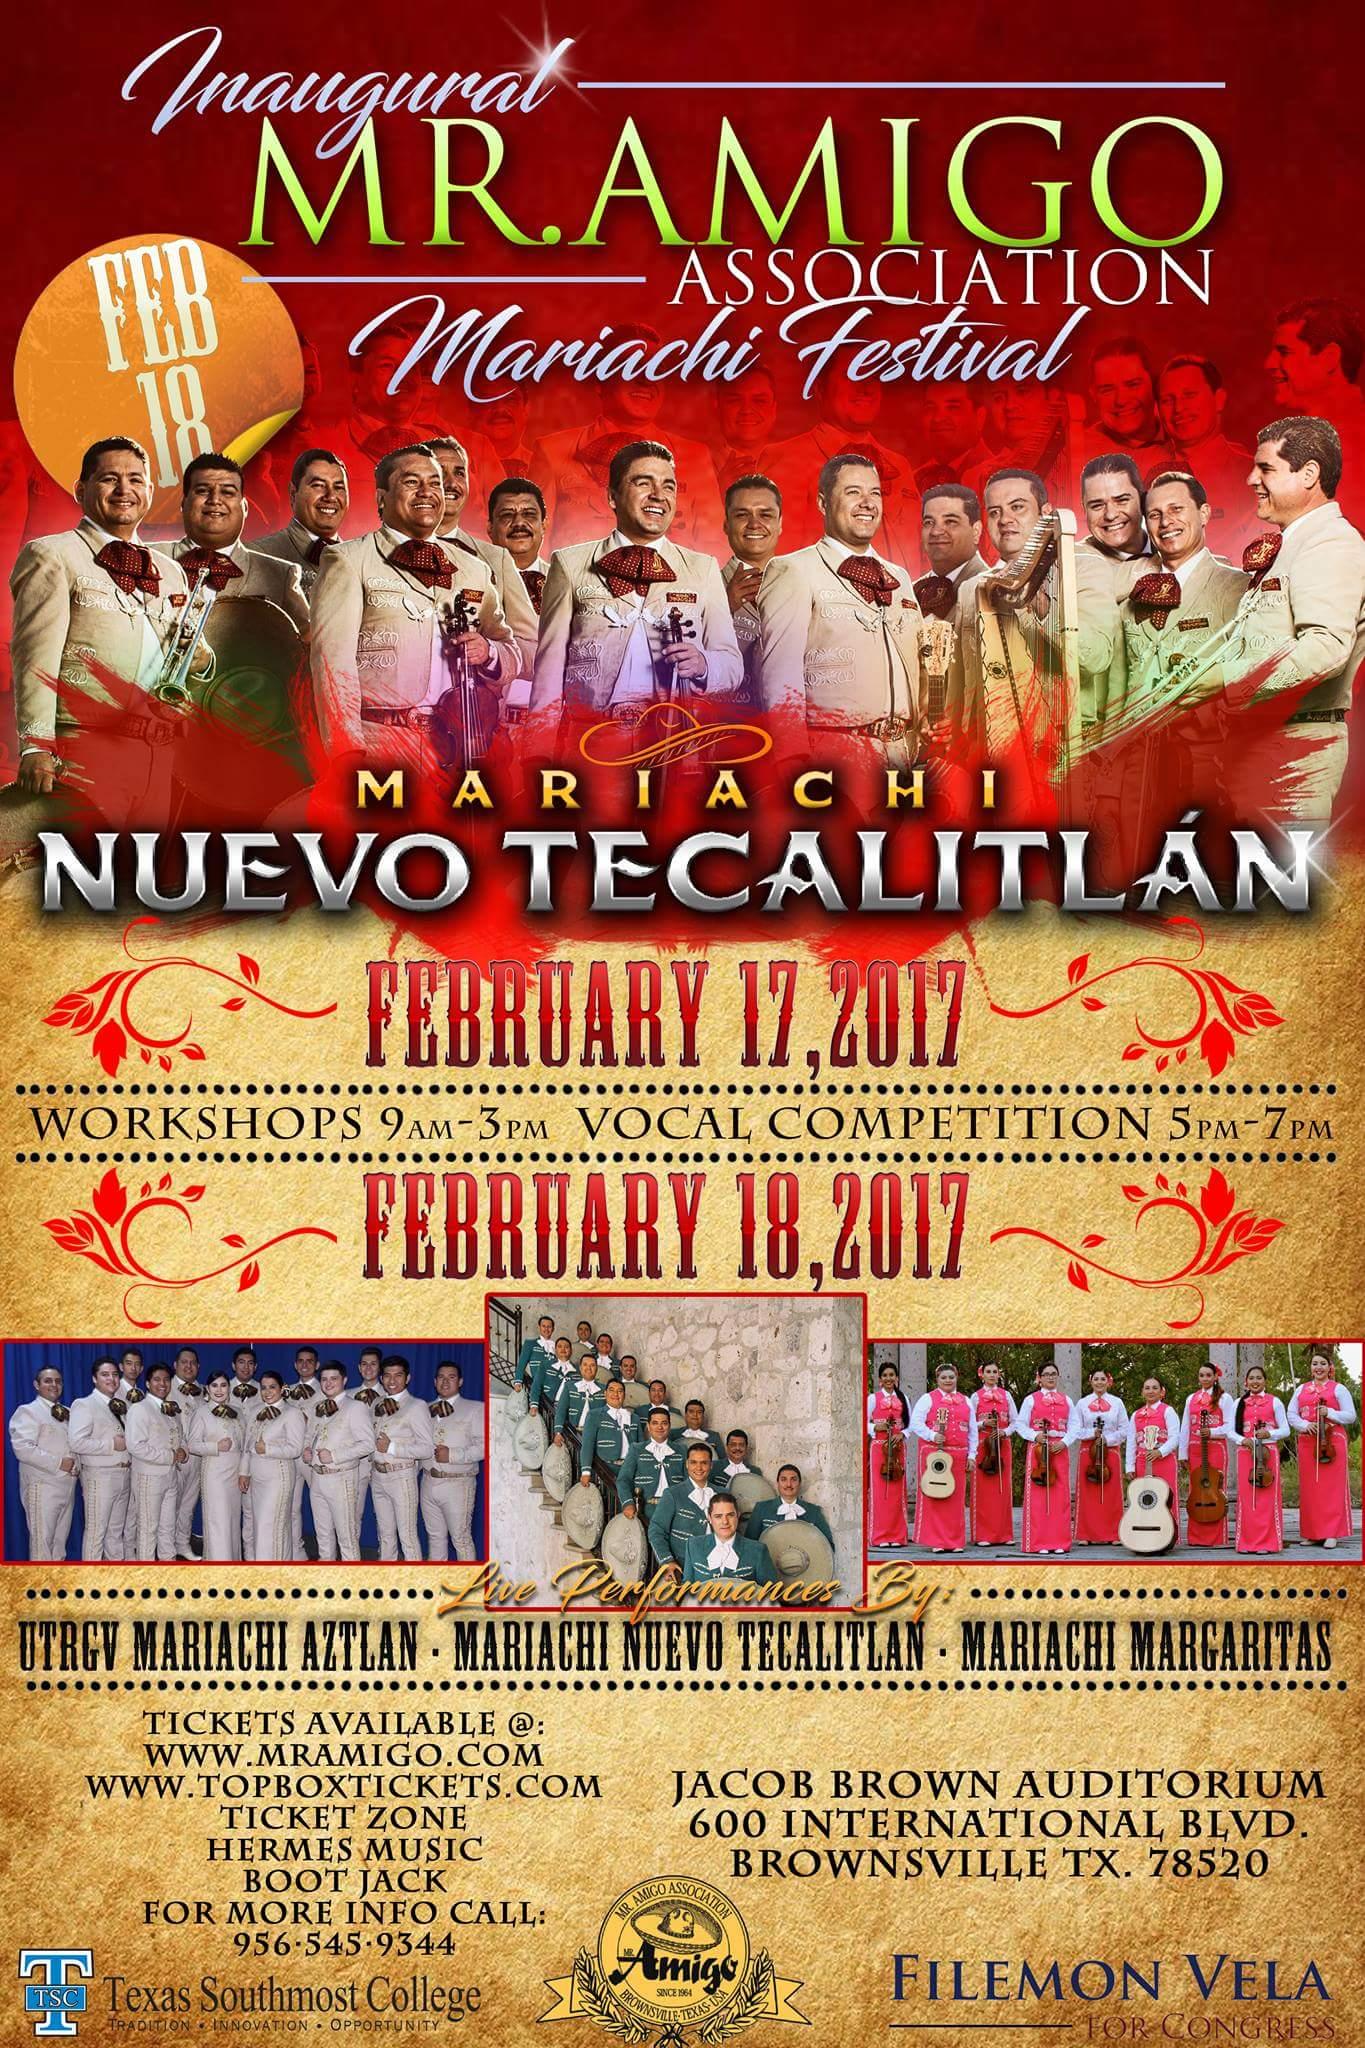 mariachi-nuevo-tecalitlan-2017